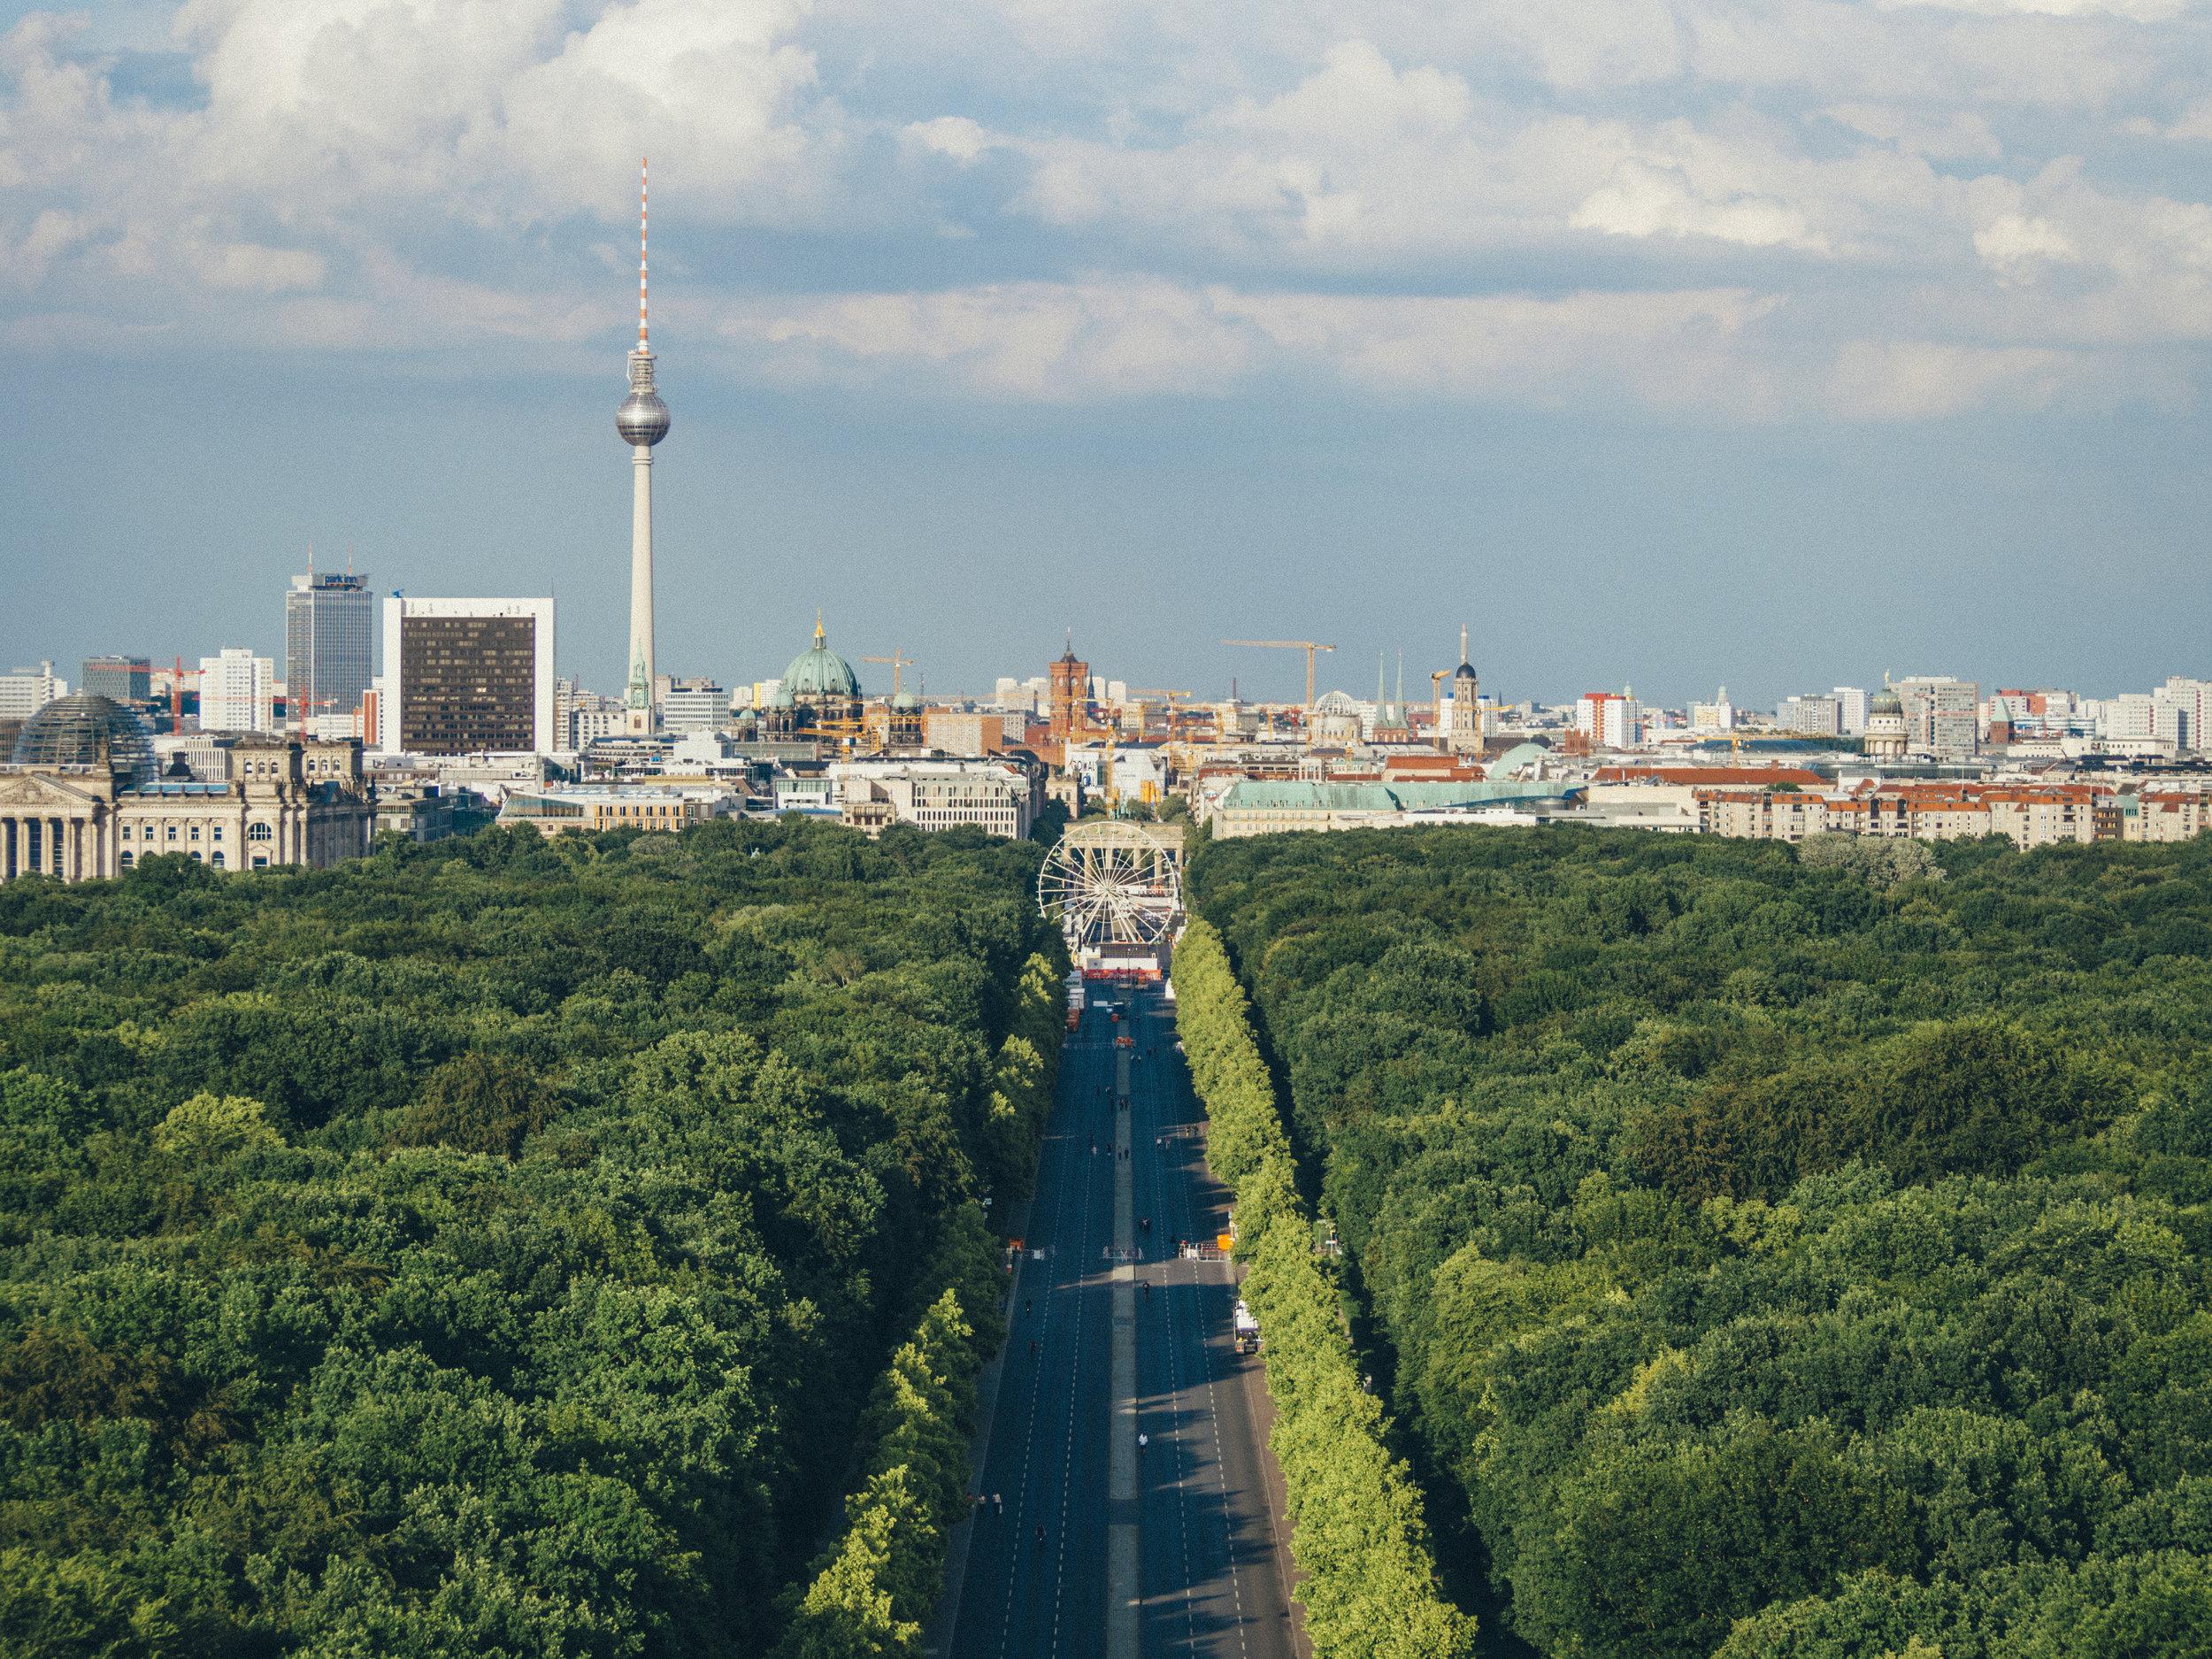 Berlín, Alemania - Muy pocas ciudades europeas han sido testigos de la destrucción y la reconstrucción como Berlín. Reconstruida de las cenizas luego de la Segunda Guerra Mundial la capital alemana es una ciudad moderna llena de museos, monumentos y lugares ricos en historia que son una opción de calidad para cualquier grupo de viajeros. Esto no es todo, Berlín es conocida como una de las mejores ciudades de todo Europa por sus fiestas de música electrónica y sus discotecas.